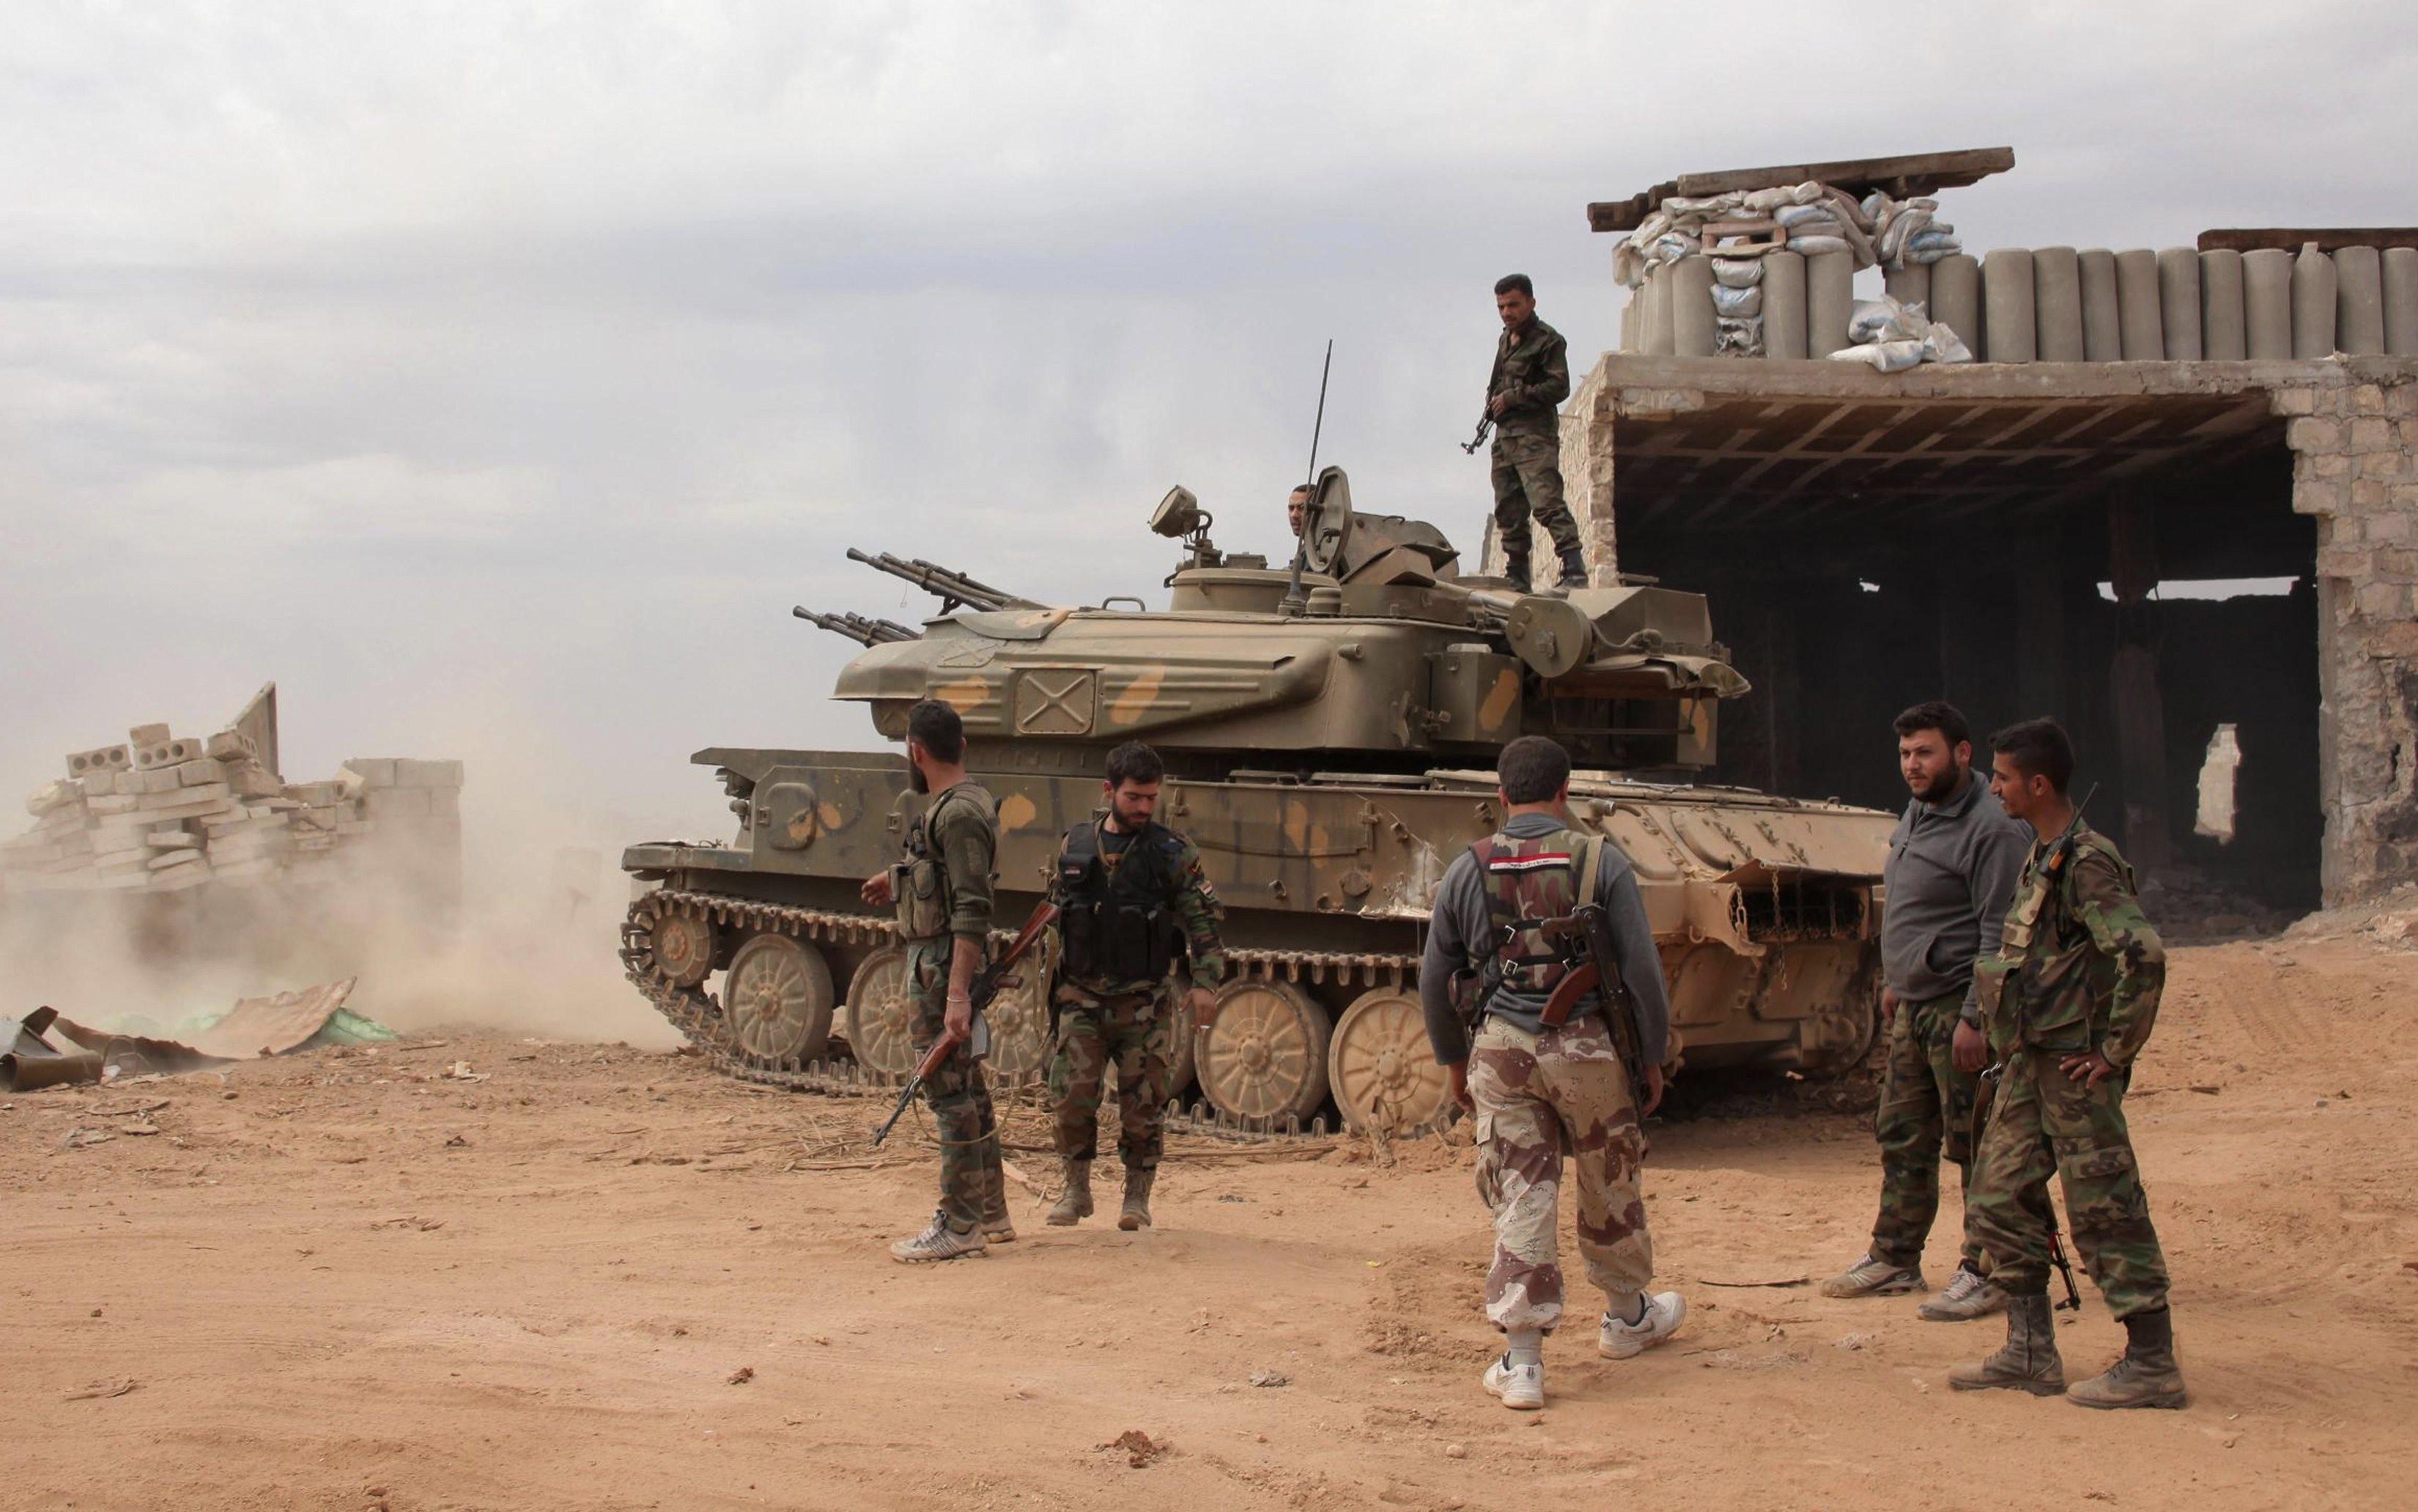 Граждане эвакуированы, Армия покинула город иведет бои наокраинах— Пальмира